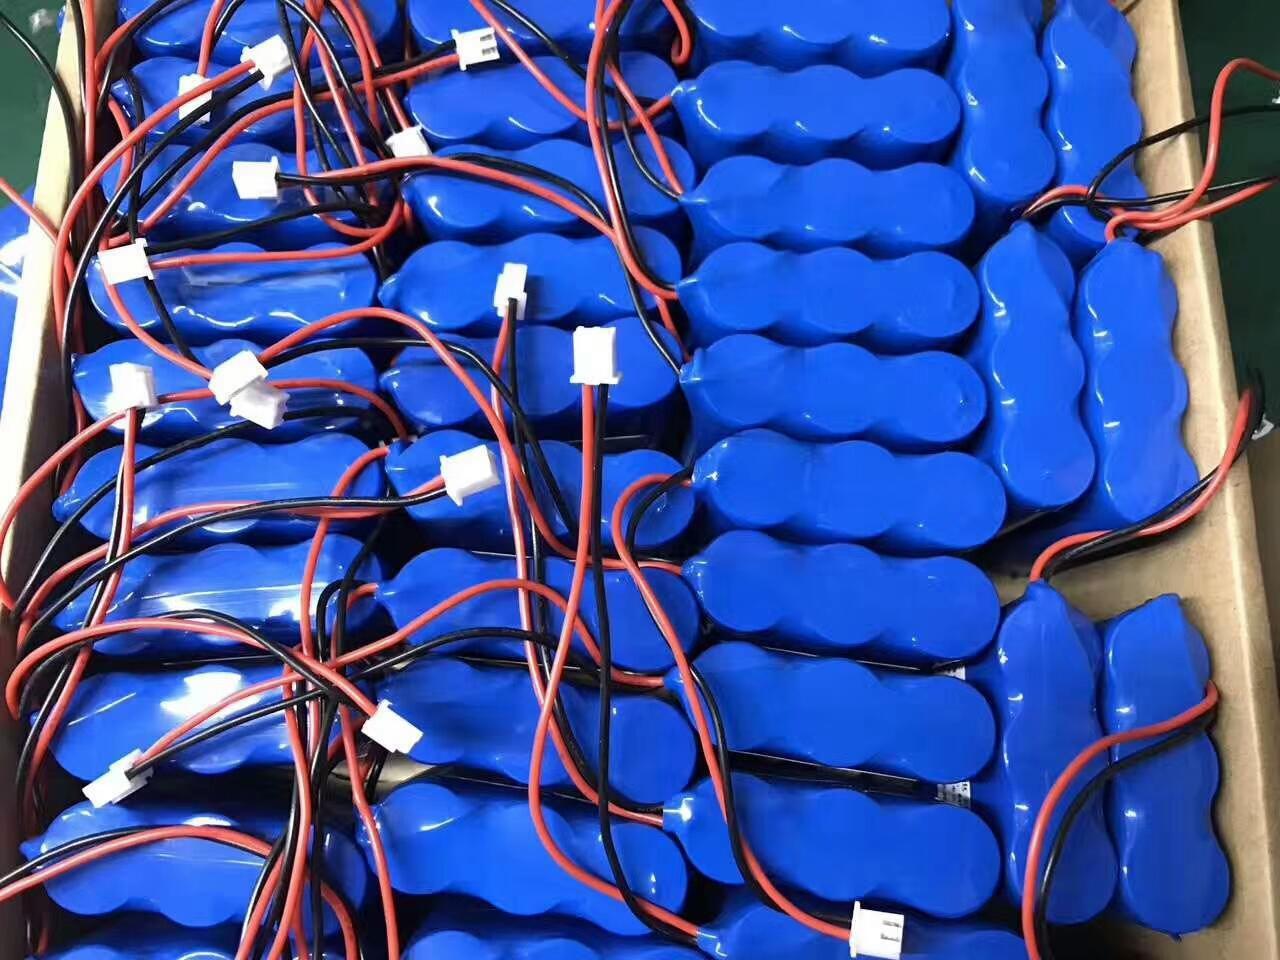 18650 锂电池 2000MAH 10C 3.7V 动力电池 5